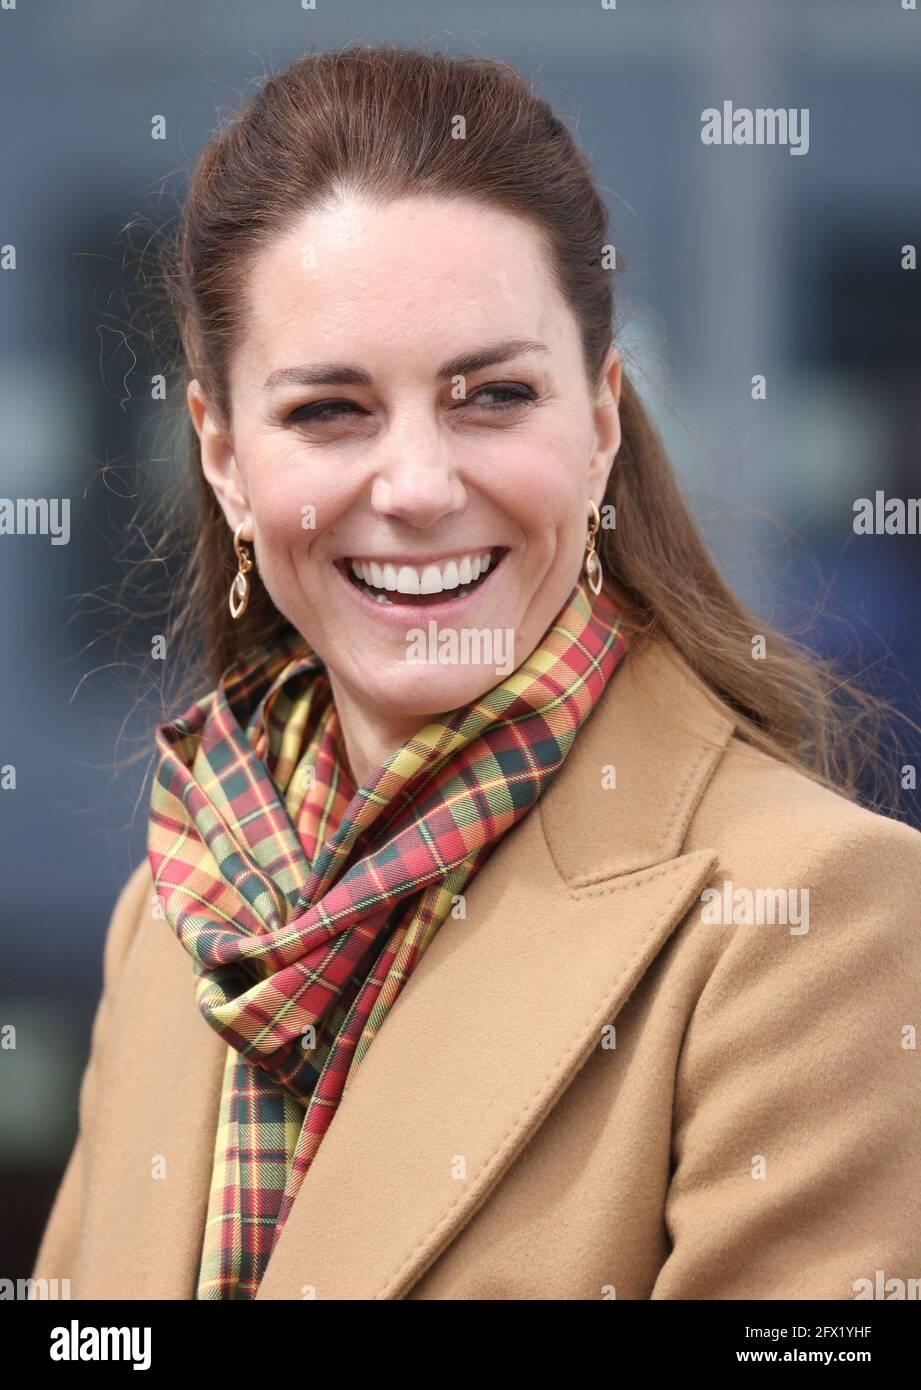 Die Herzogin von Cambridge während der offiziellen Eröffnung des Balfour, Orkneys neues Krankenhaus in Kirkwall, wo das königliche Paar Mitarbeiter des NHS trifft, während sie ihre Reise durch Schottland fortsetzen. Bilddatum: Dienstag, 25. Mai 2021. Stockfoto